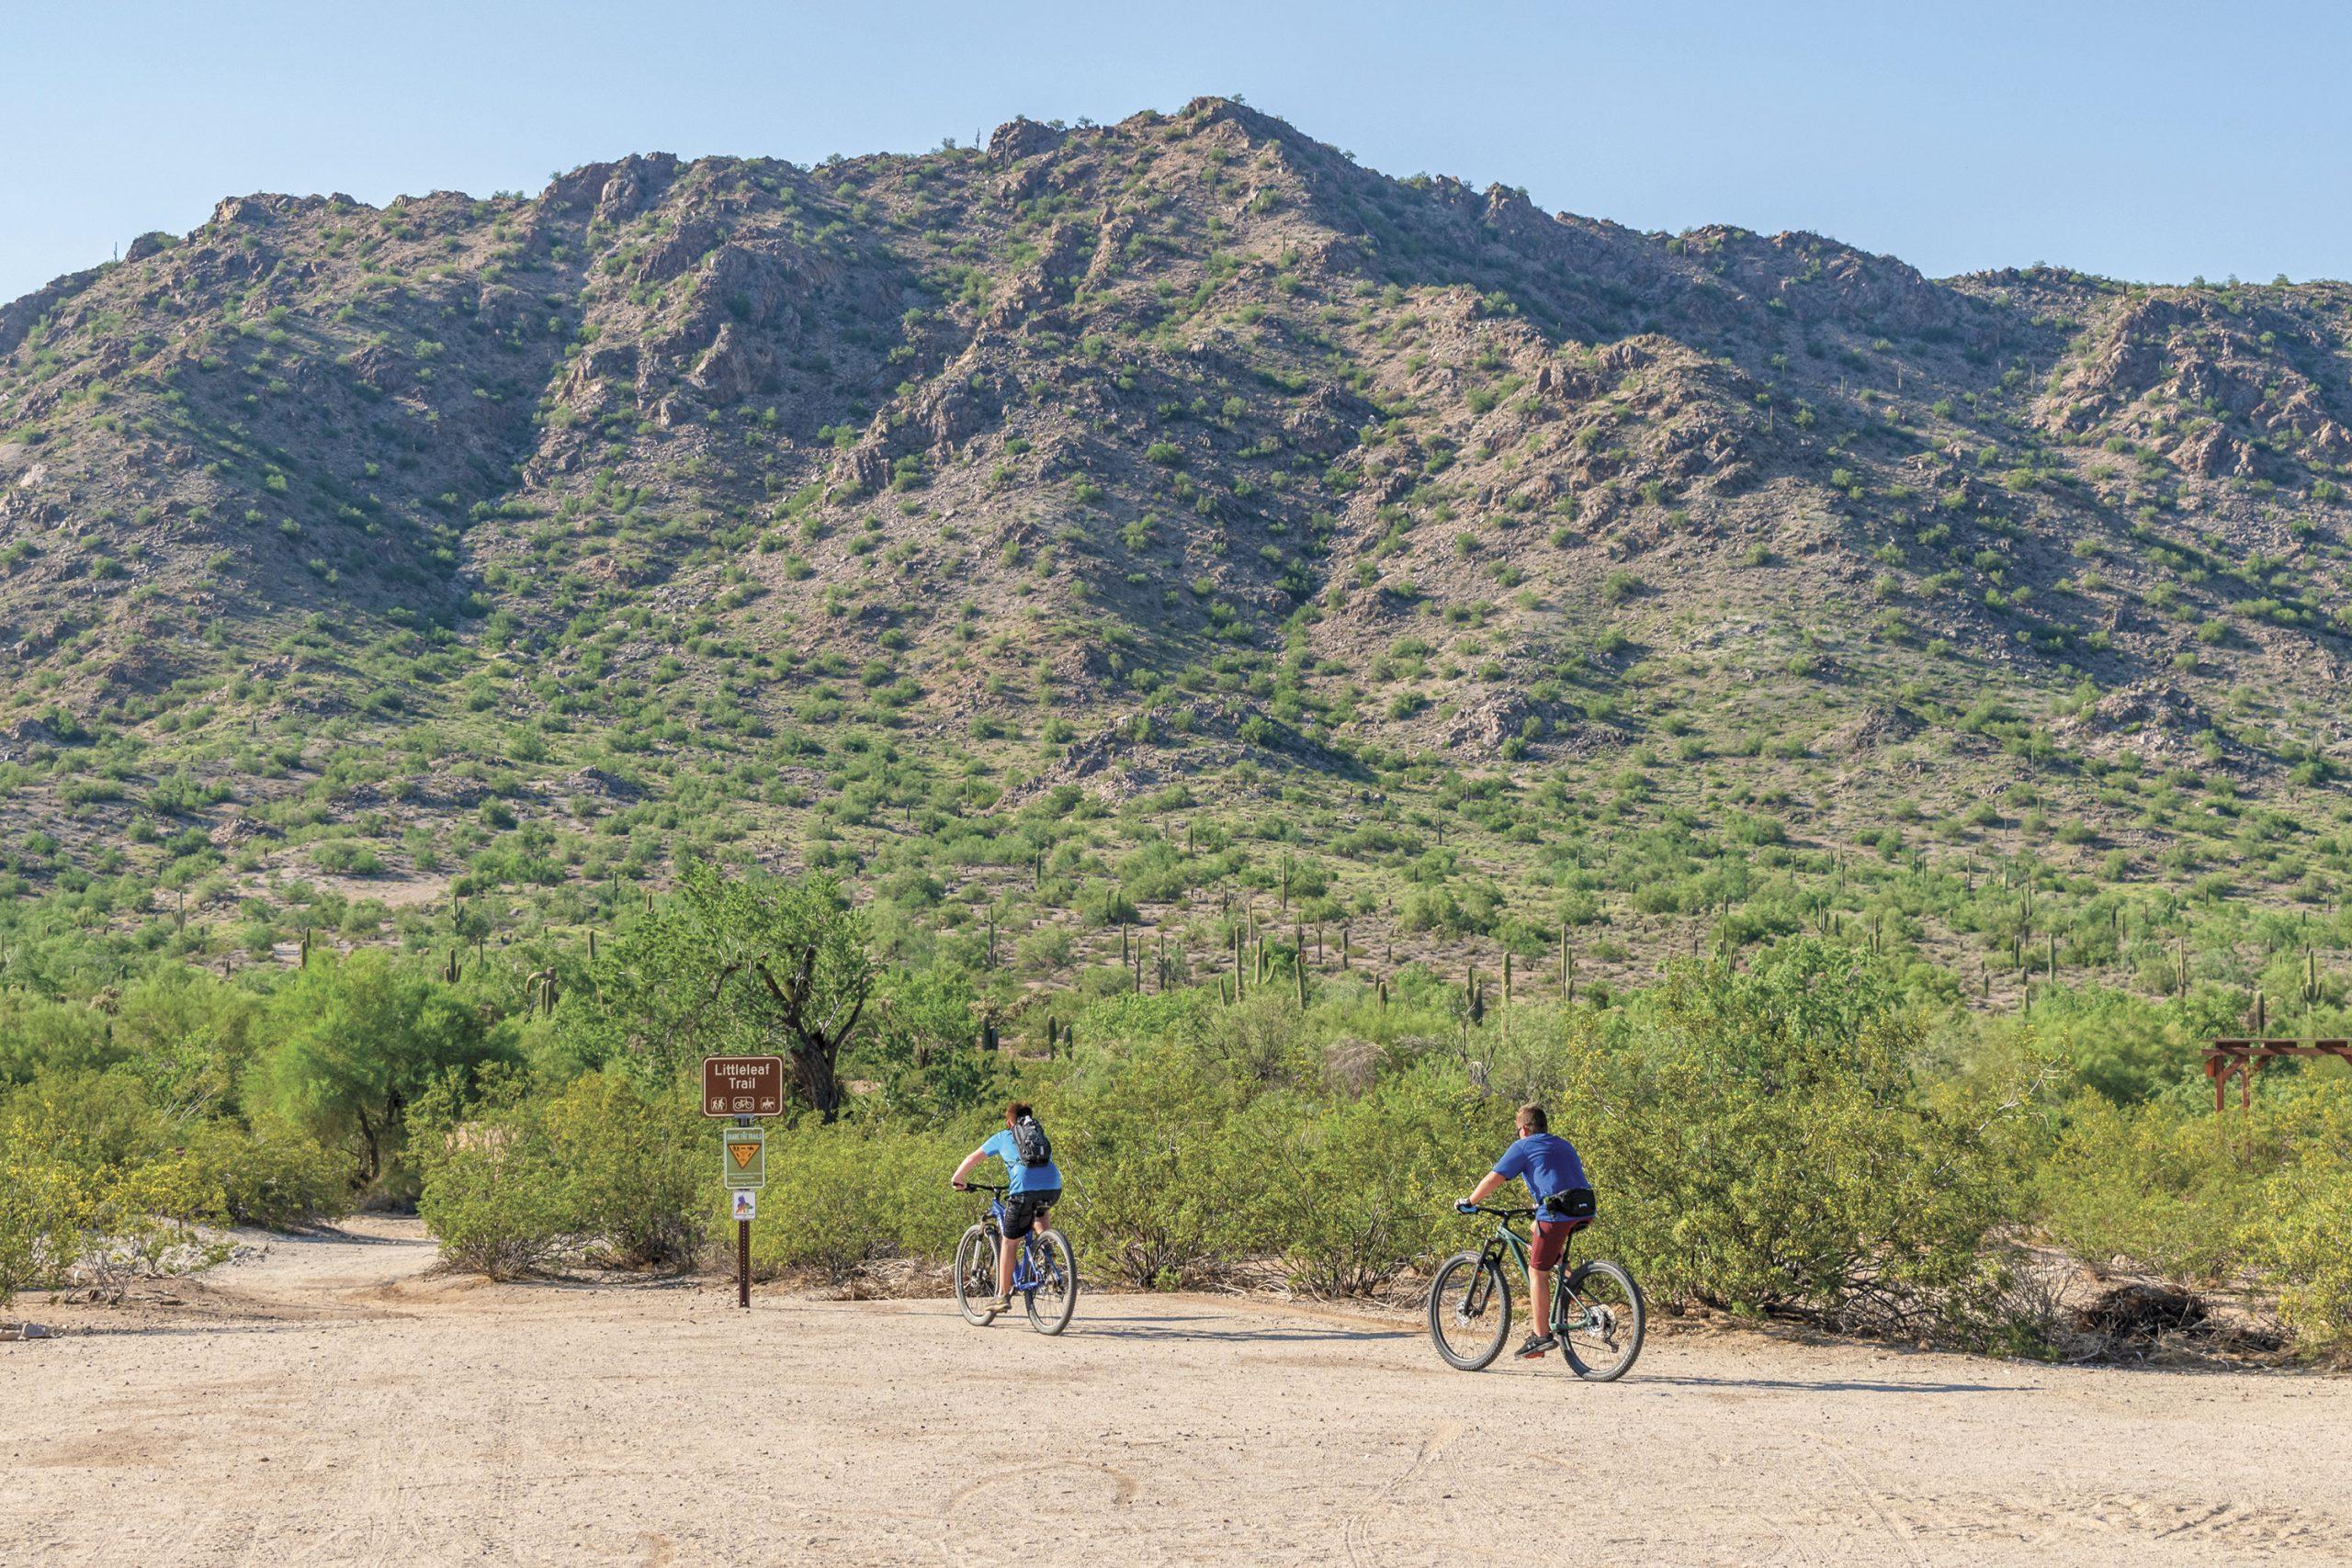 Bicycling at San Tan Mountains; Photo by Monserrat Apud De La Fuente